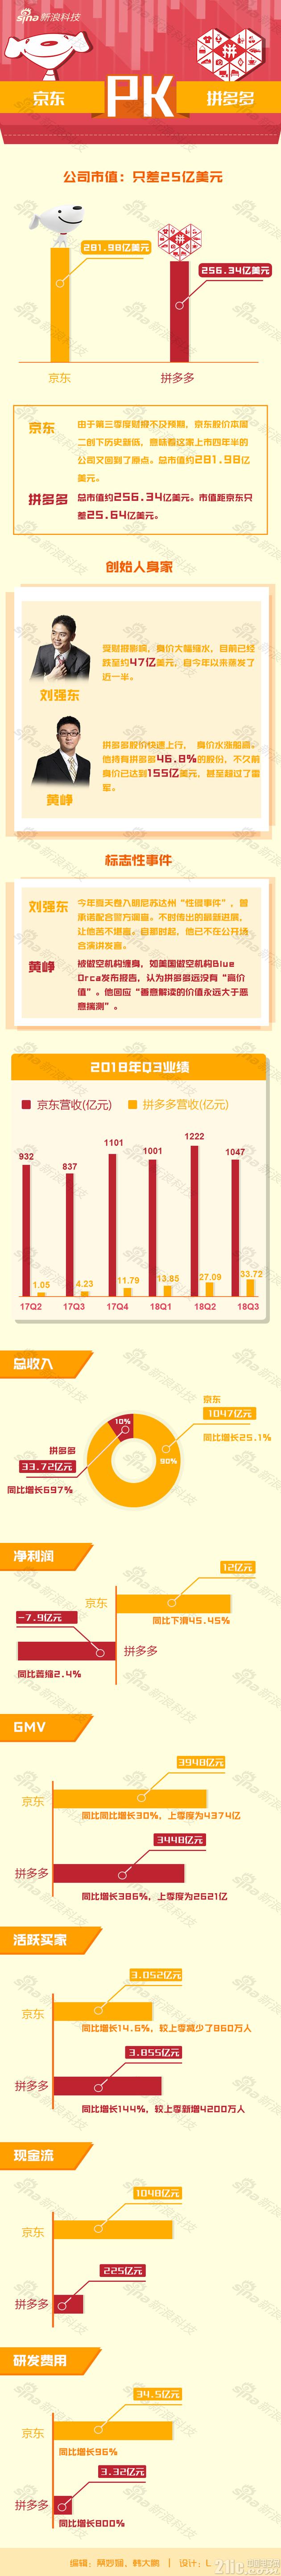 京东拼多多财报差距这么大,但市值仅相差25亿美元!